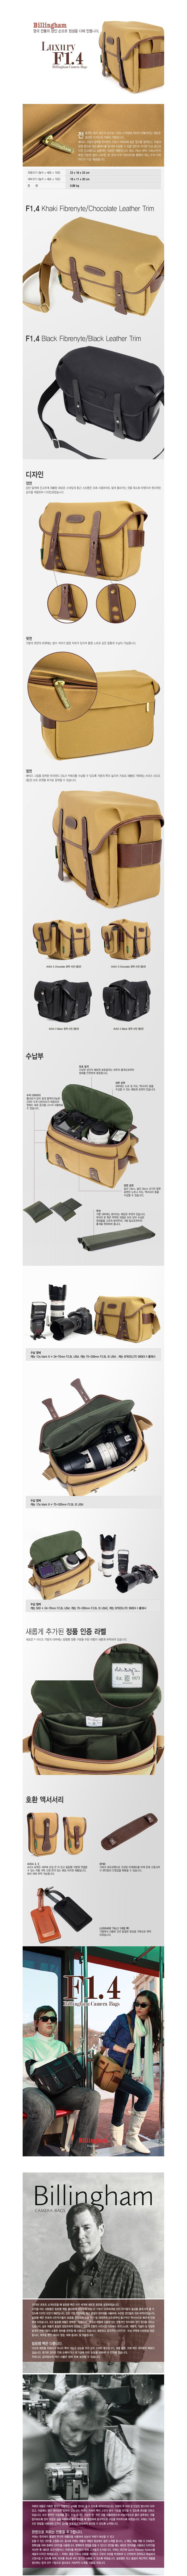 BILLINGHAM - F1.4 - Black Fibrenyte/Black (505902-01)